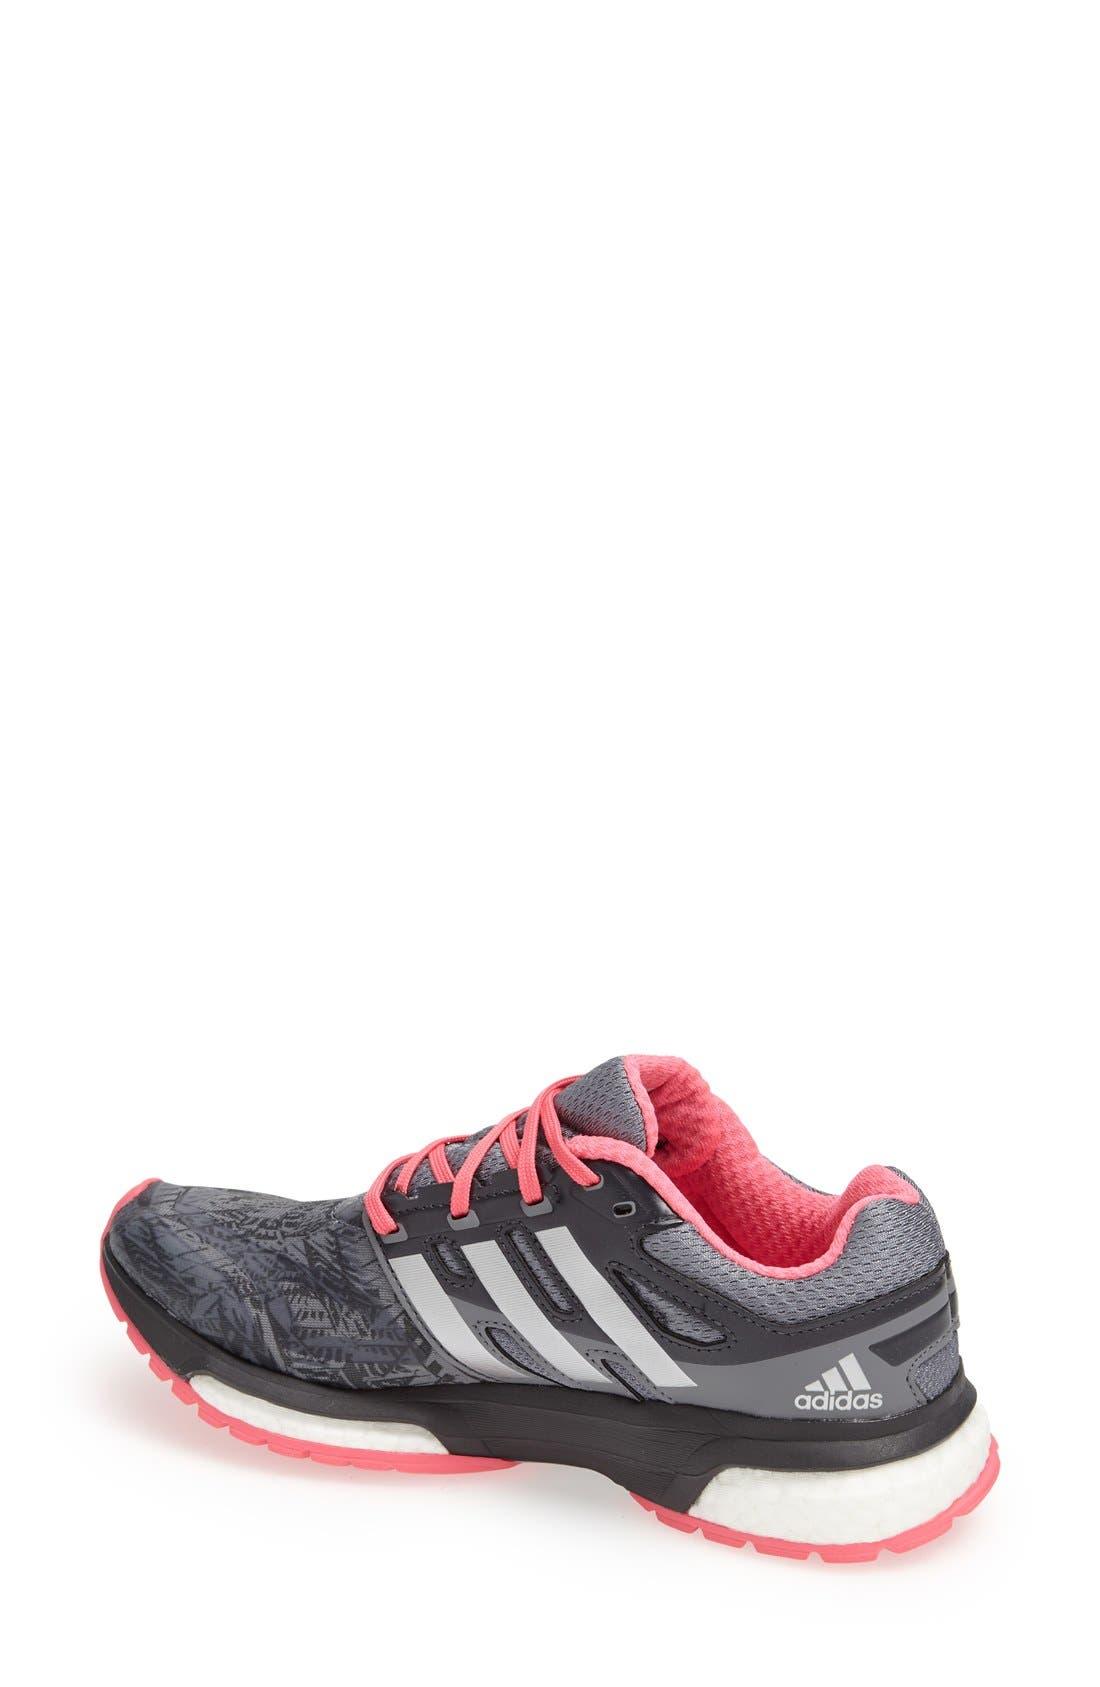 Alternate Image 2  - adidas 'Response Boost' Running Shoe (Women)